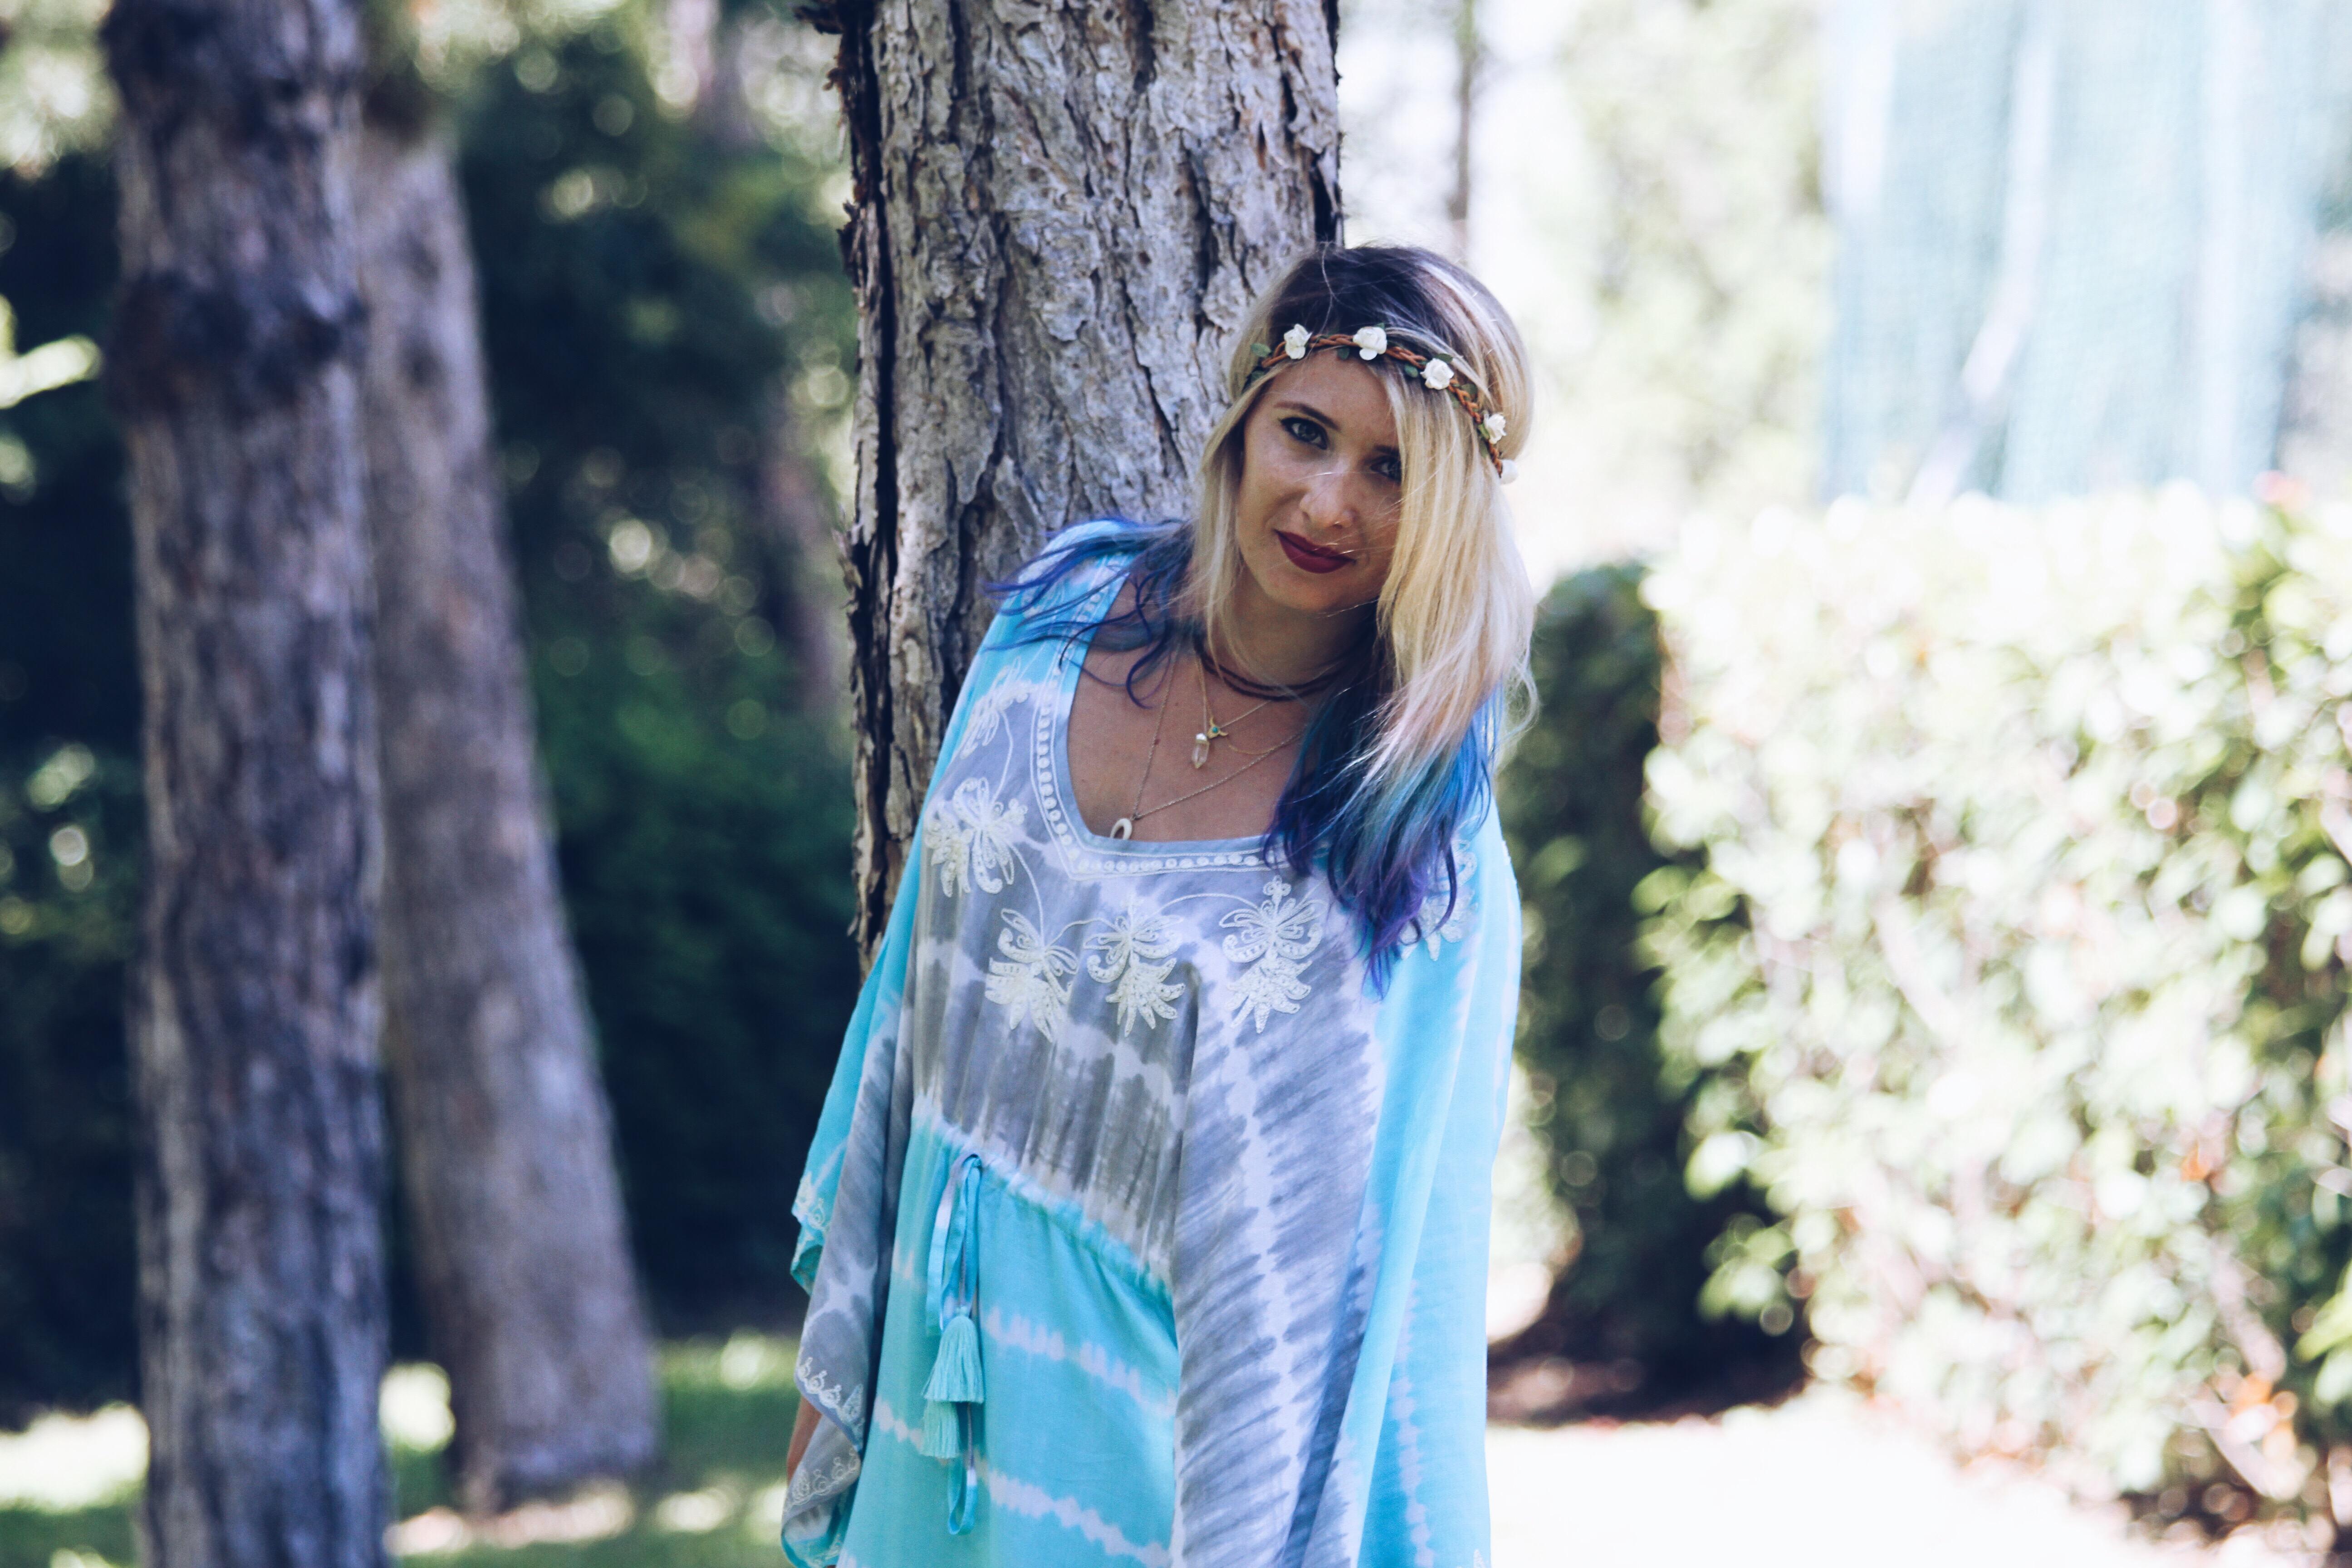 boho-boheme-gypsy-festival-miss-komodo-soprettylittlethings